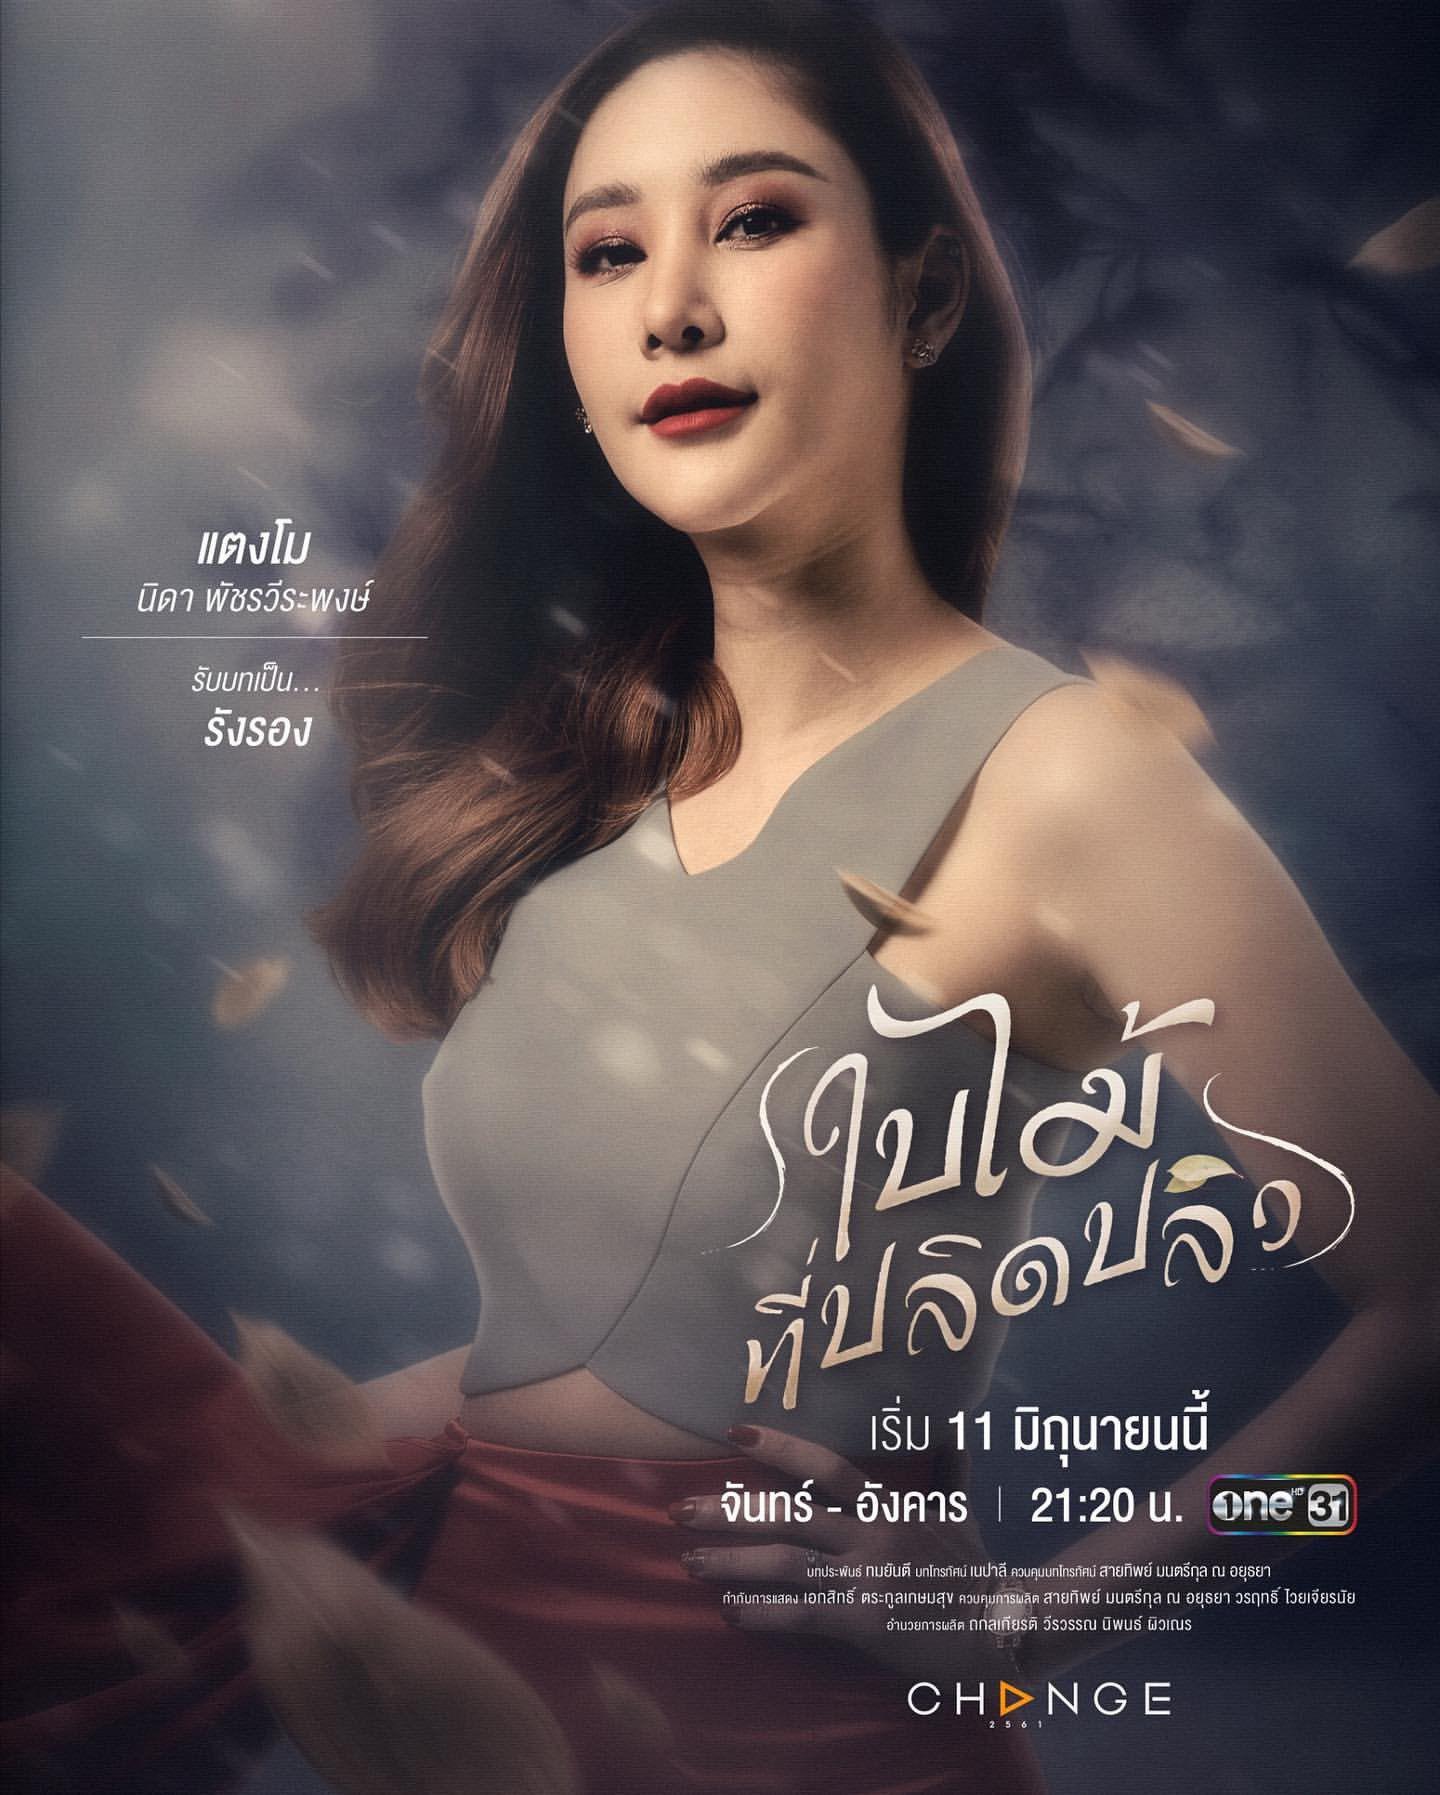 Tại sao phim Chiếc Lá Bay của Baifern Pimchanok & Push Puttichai lại hot đến thế? (10)